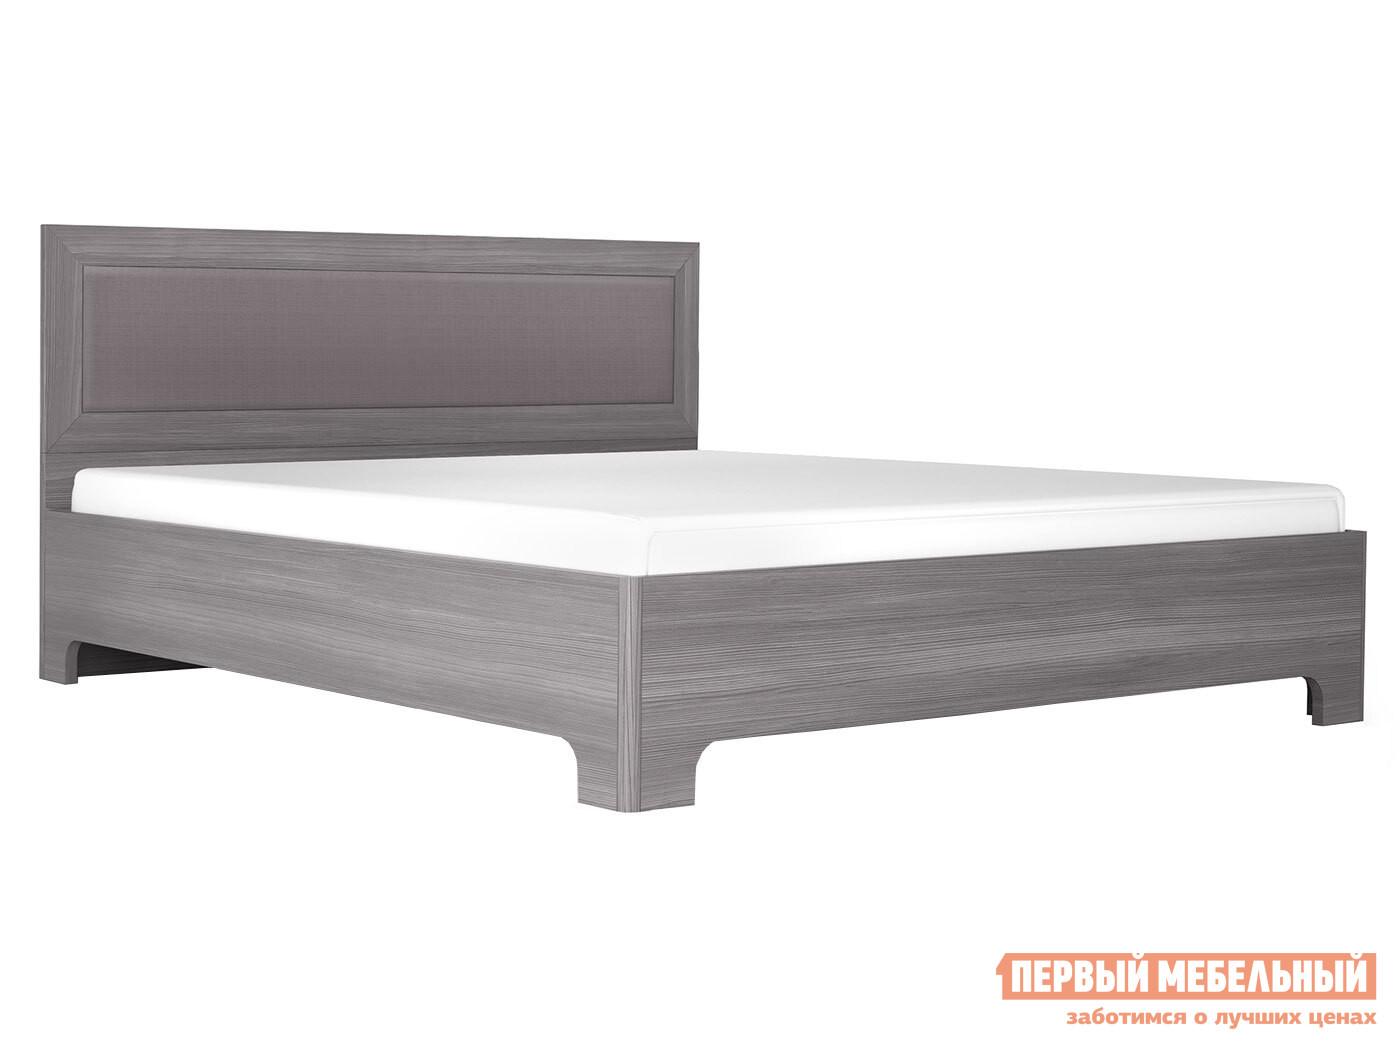 Двуспальная кровать  Кровать-1 с ортопед. основанием Лиственница темная / Экокожа дила, 1600 Х 2000 мм